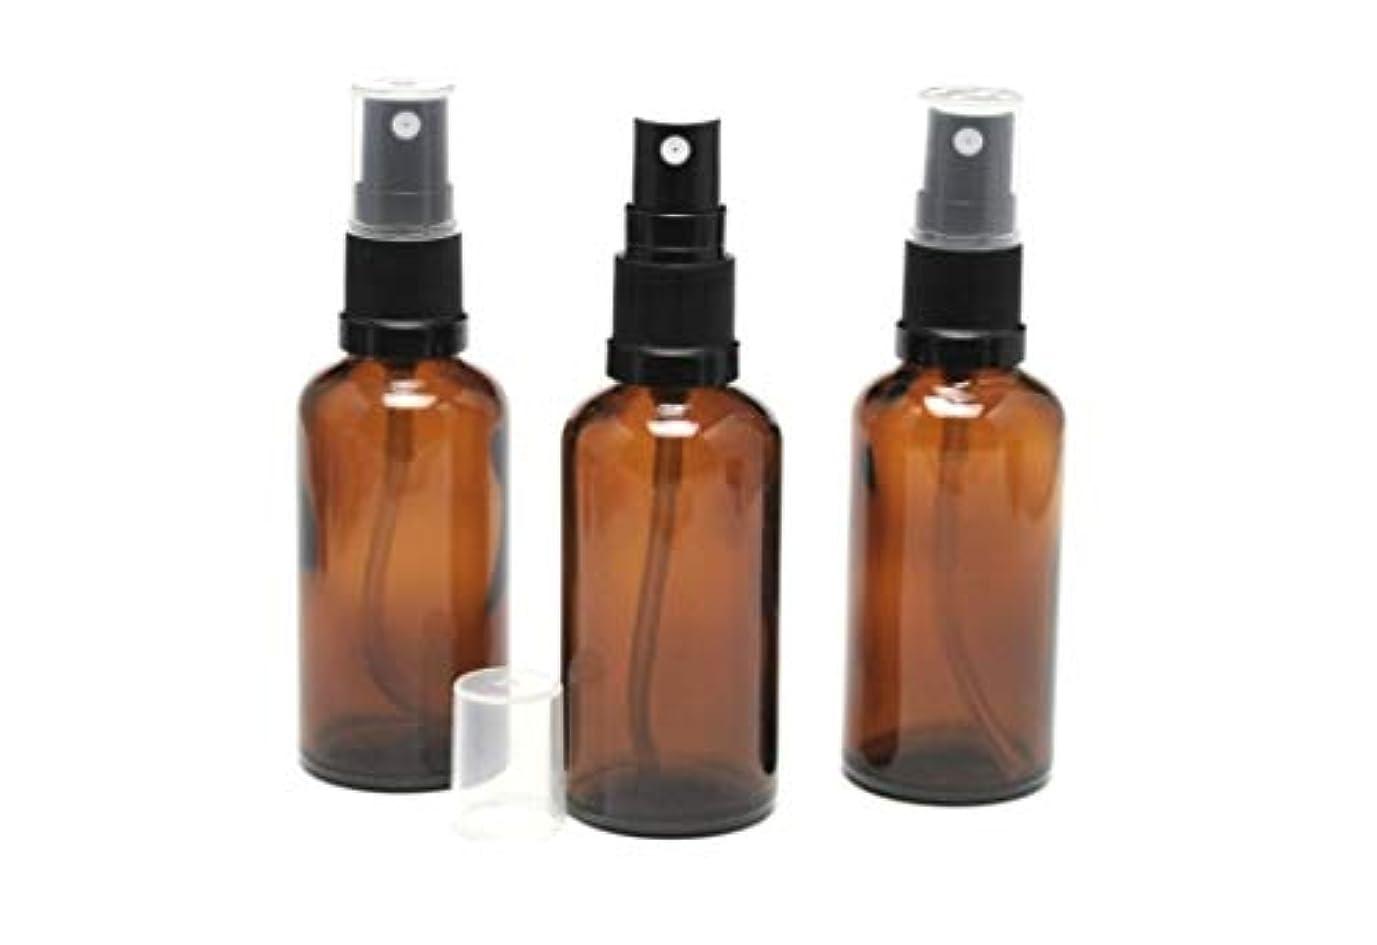 結び目海峡灰遮光瓶 スプレーボトル (グラス/アトマイザー) 50ml アンバー/ブラックヘッド 3本セット 【 新品アウトレットセール 】